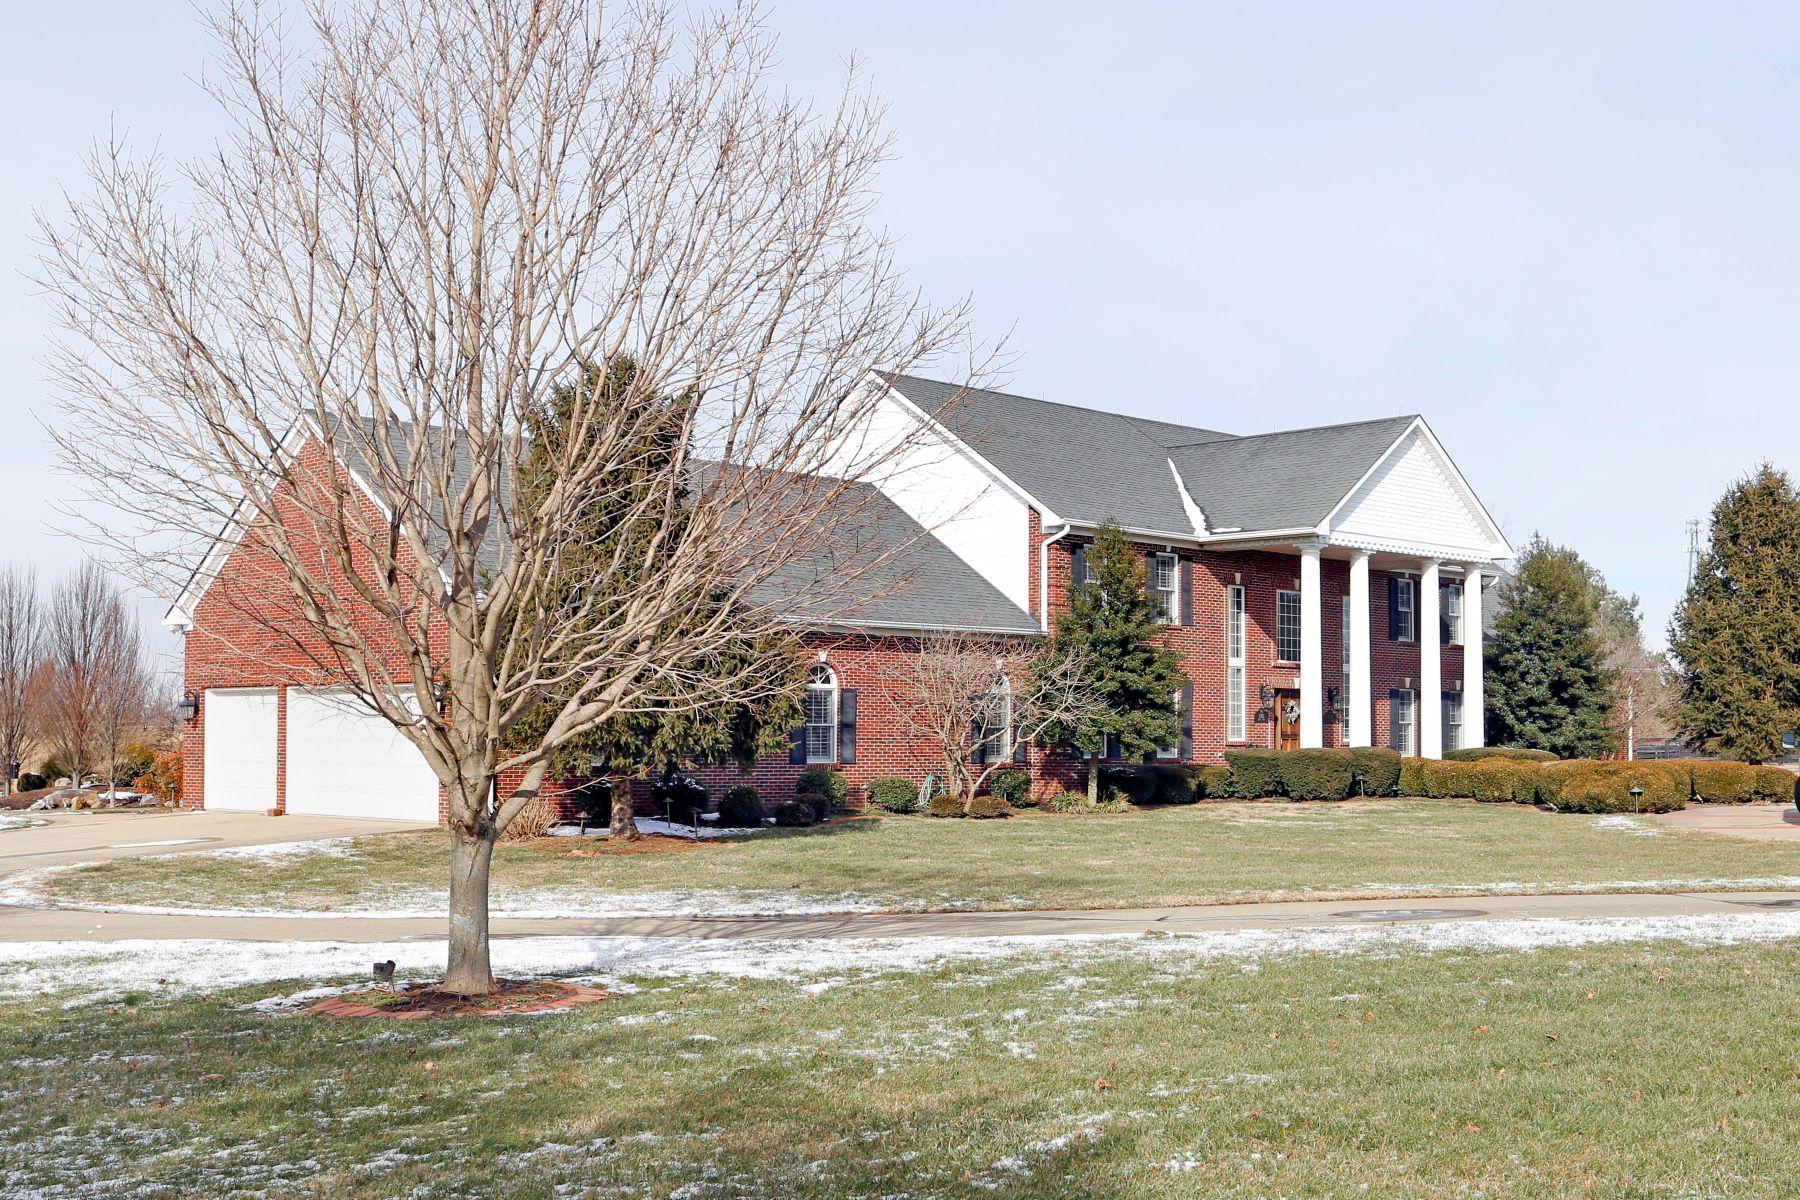 Ferme / Ranch / Plantation pour l Vente à 5361 Paris Pike Lexington, Kentucky 40511 États-Unis